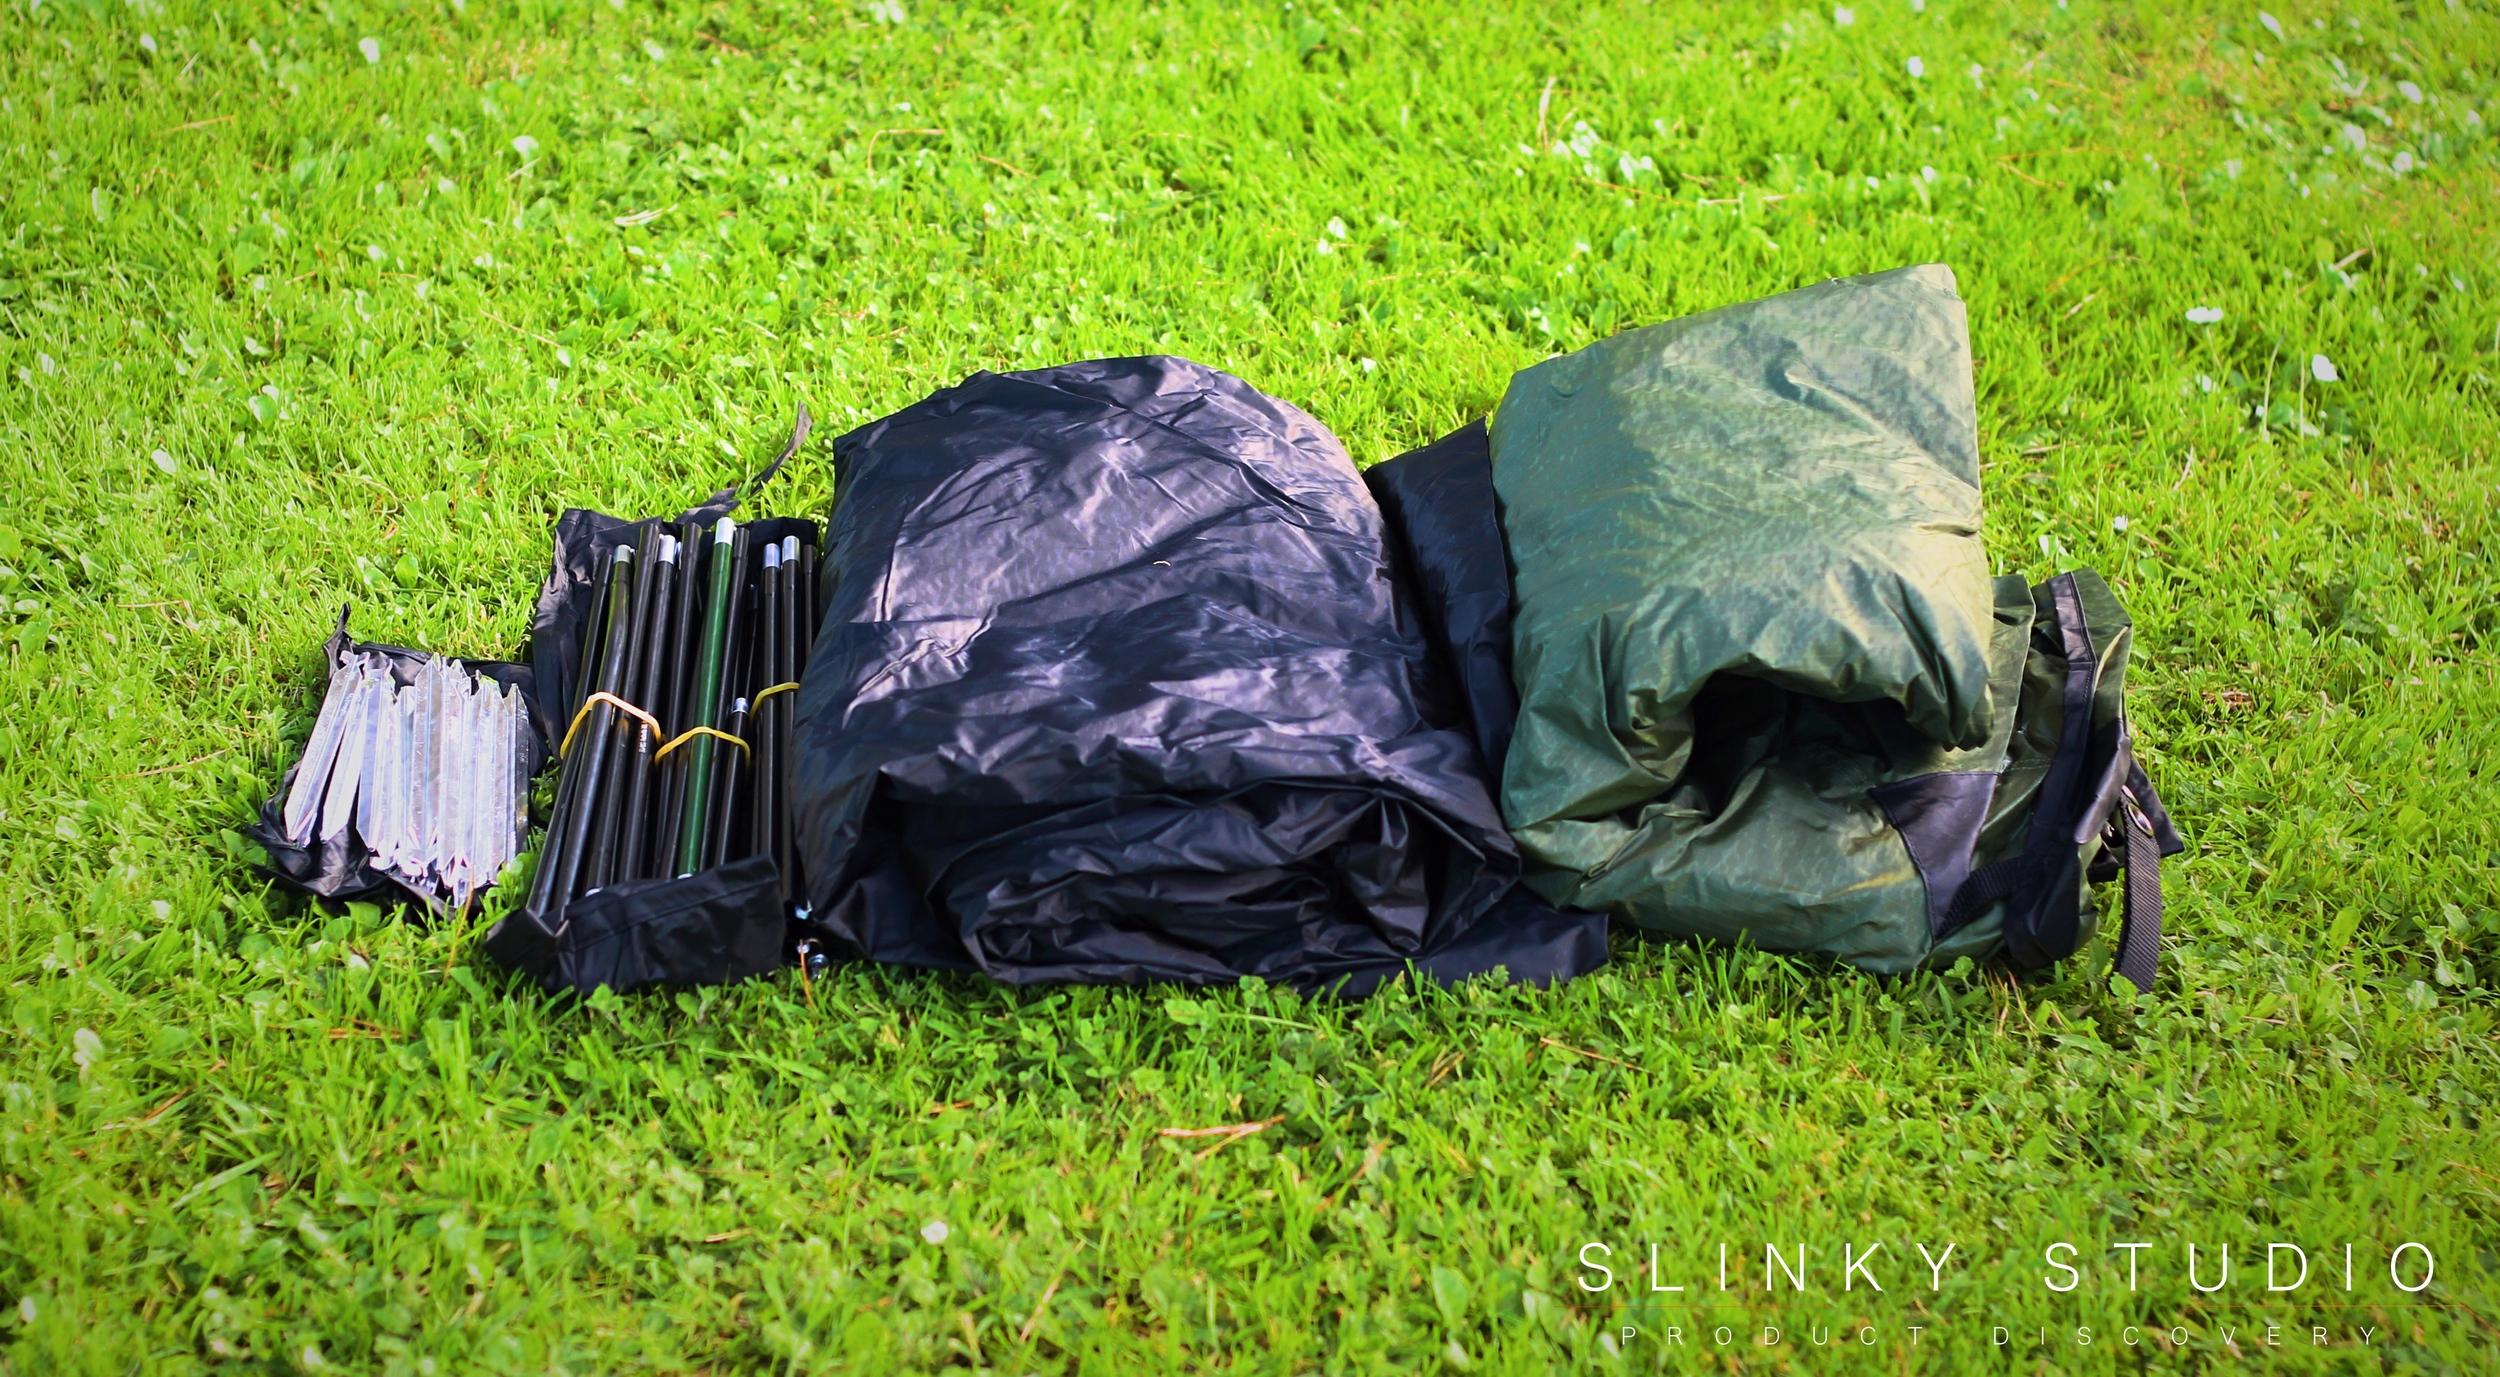 Snugpak Scorpion 3 Tent What's in the bag.jpg